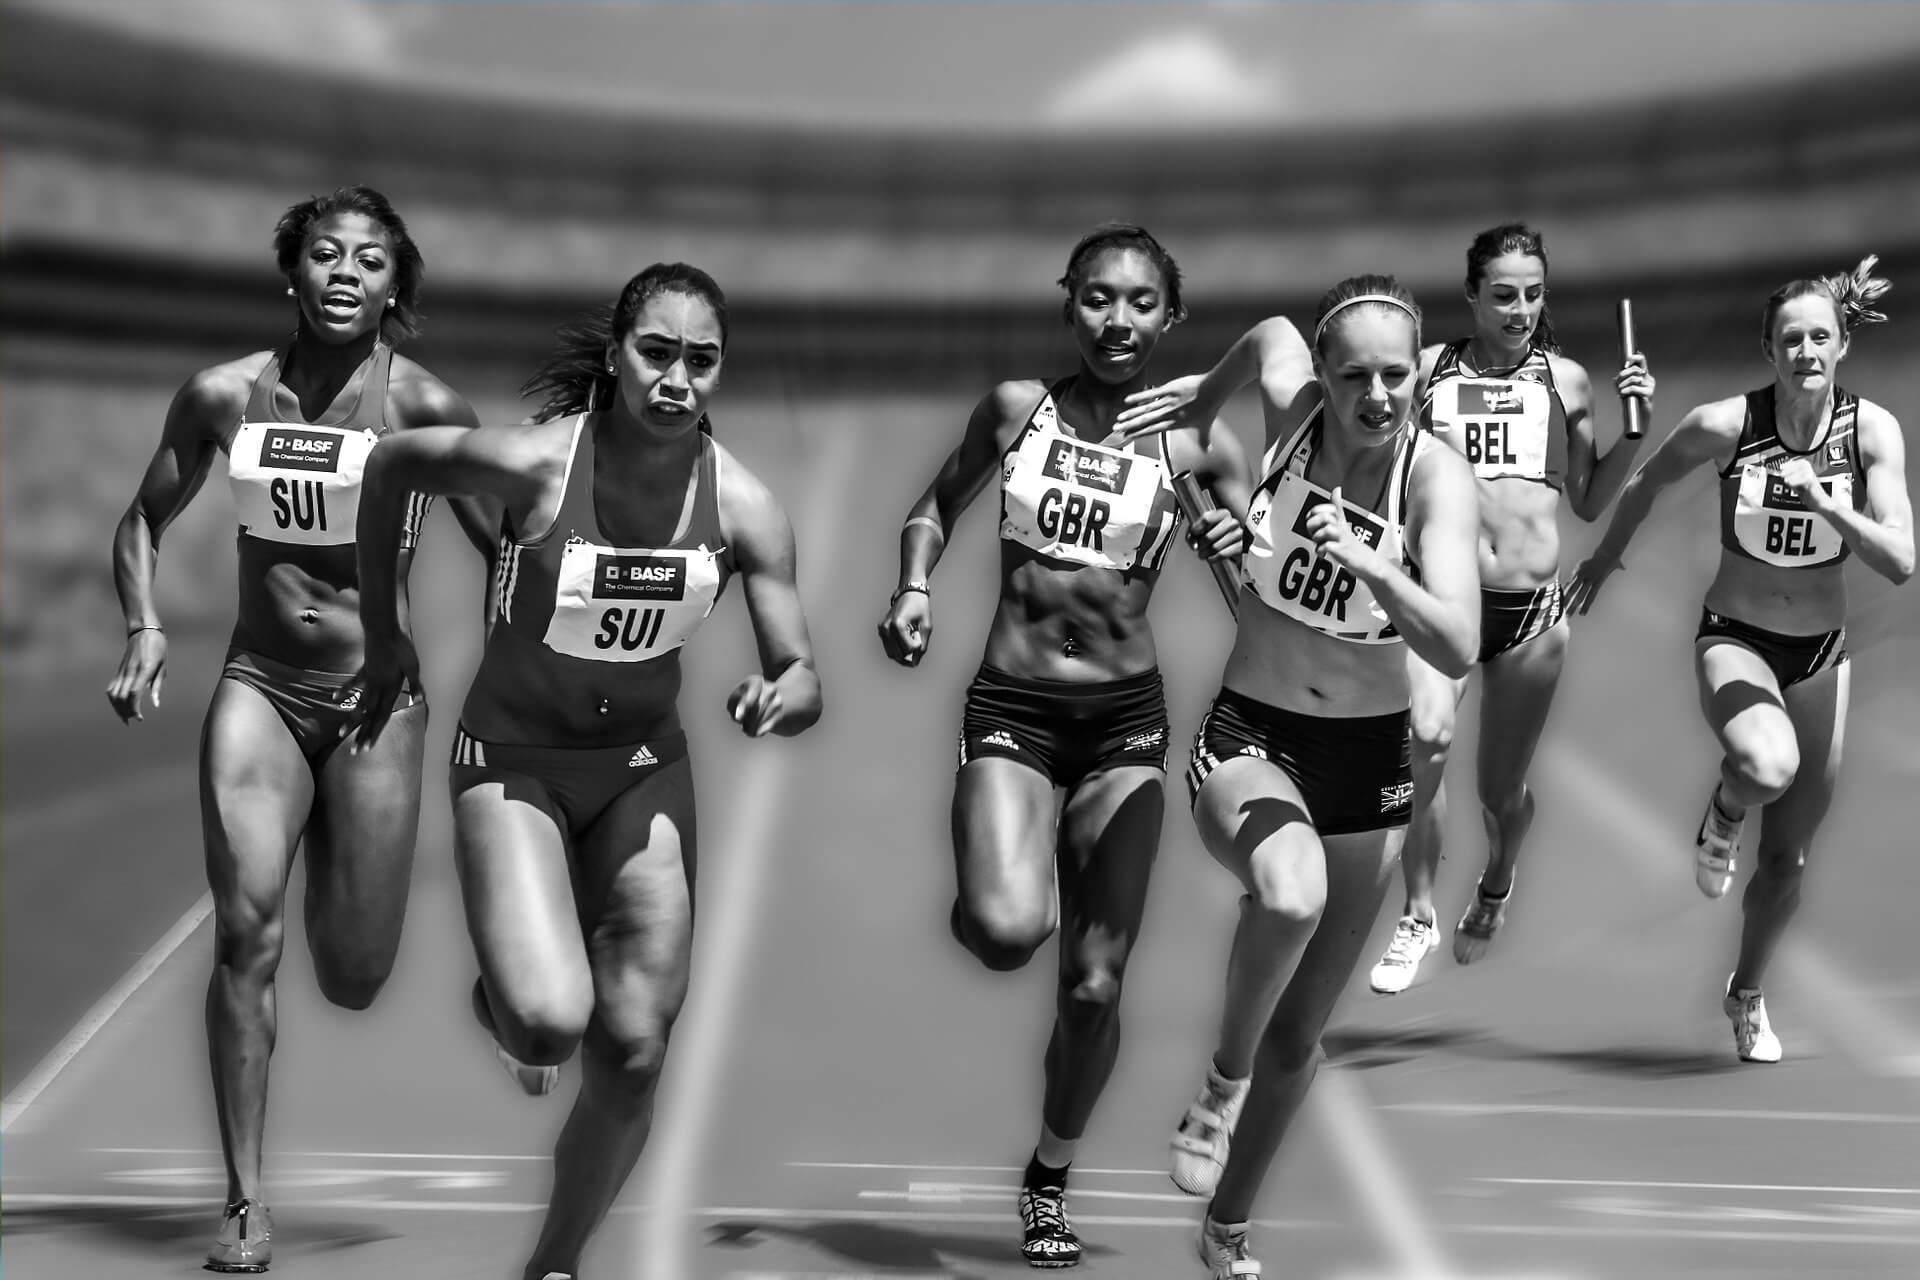 ¿Por qué los atletas prefieren CBD?